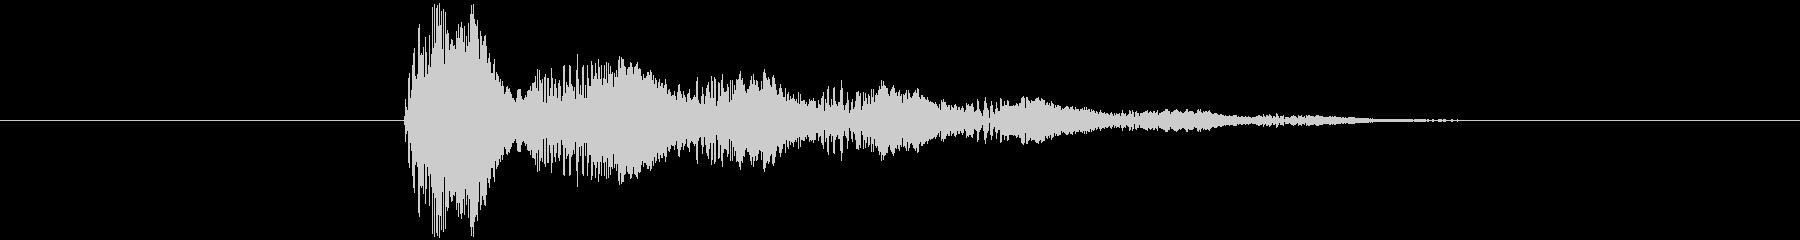 消滅音(スライム・ゼリー)の未再生の波形